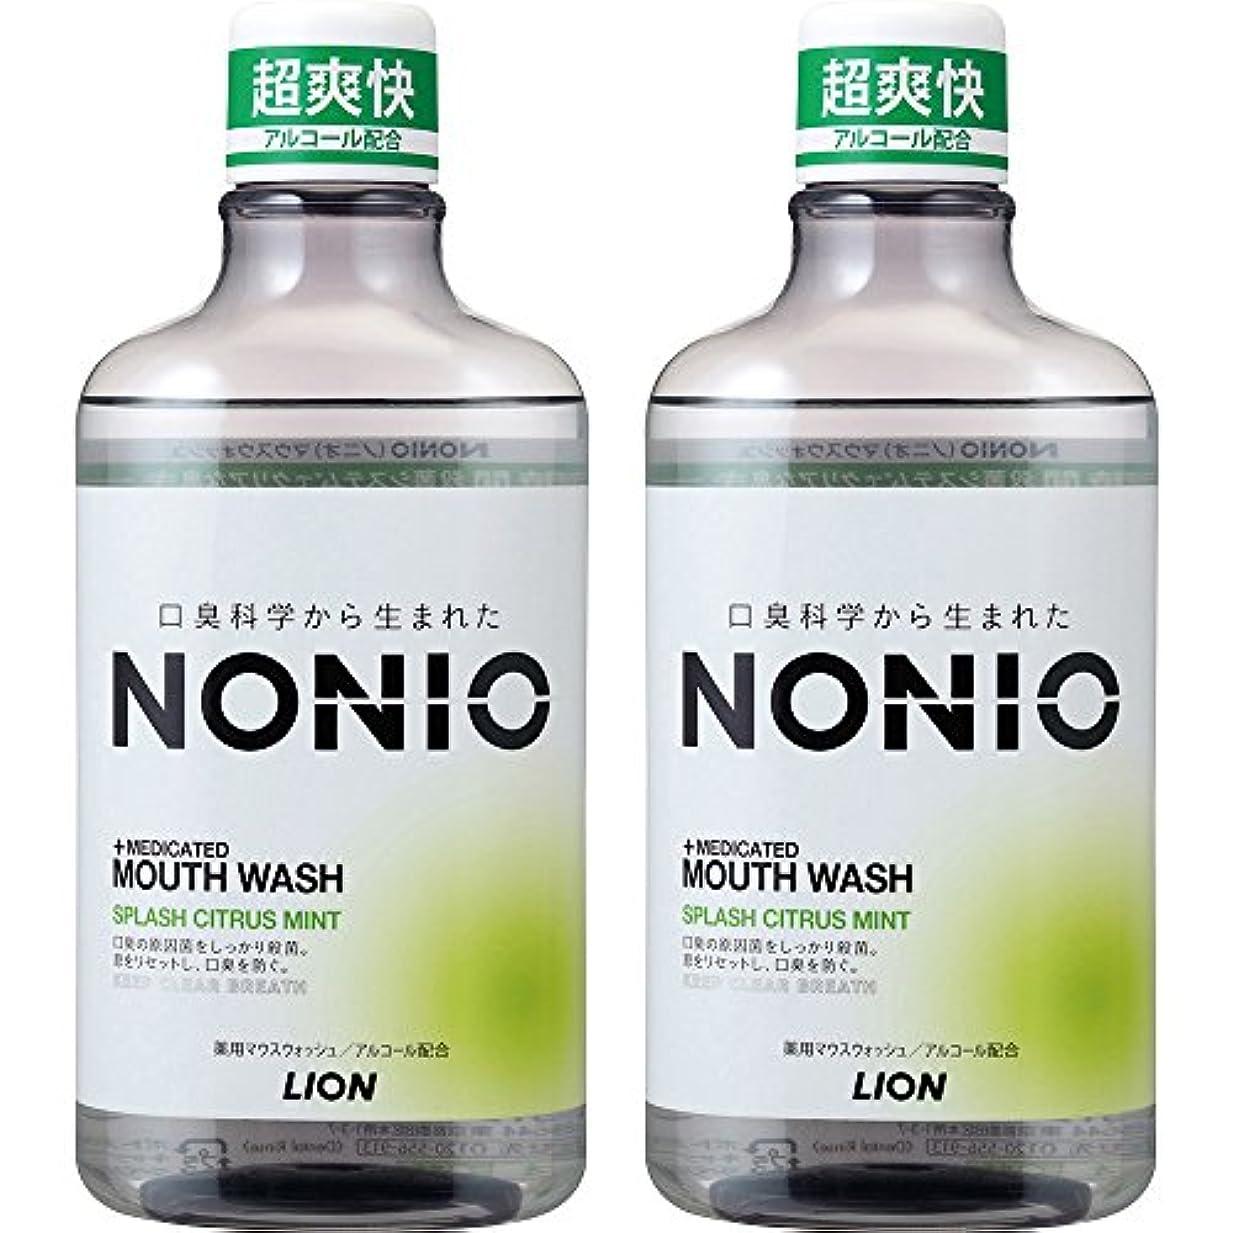 [医薬部外品]NONIO マウスウォッシュ スプラッシュシトラスミント 600ml×2個 洗口液